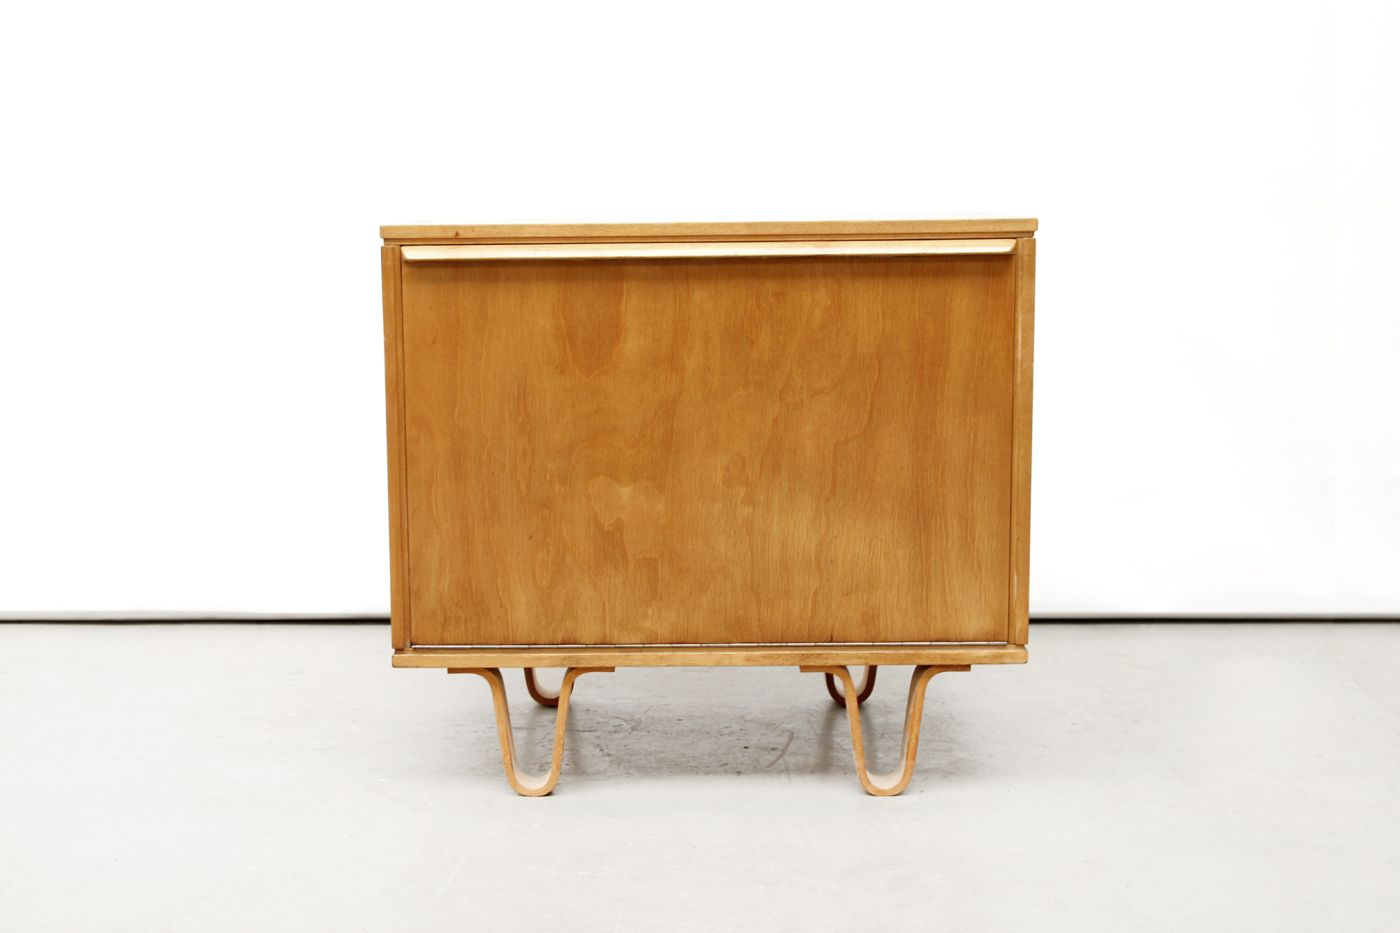 Retro Design Kastje : Liquor cabinet pastoe cees braakman dranken kast pastoe www.vanons